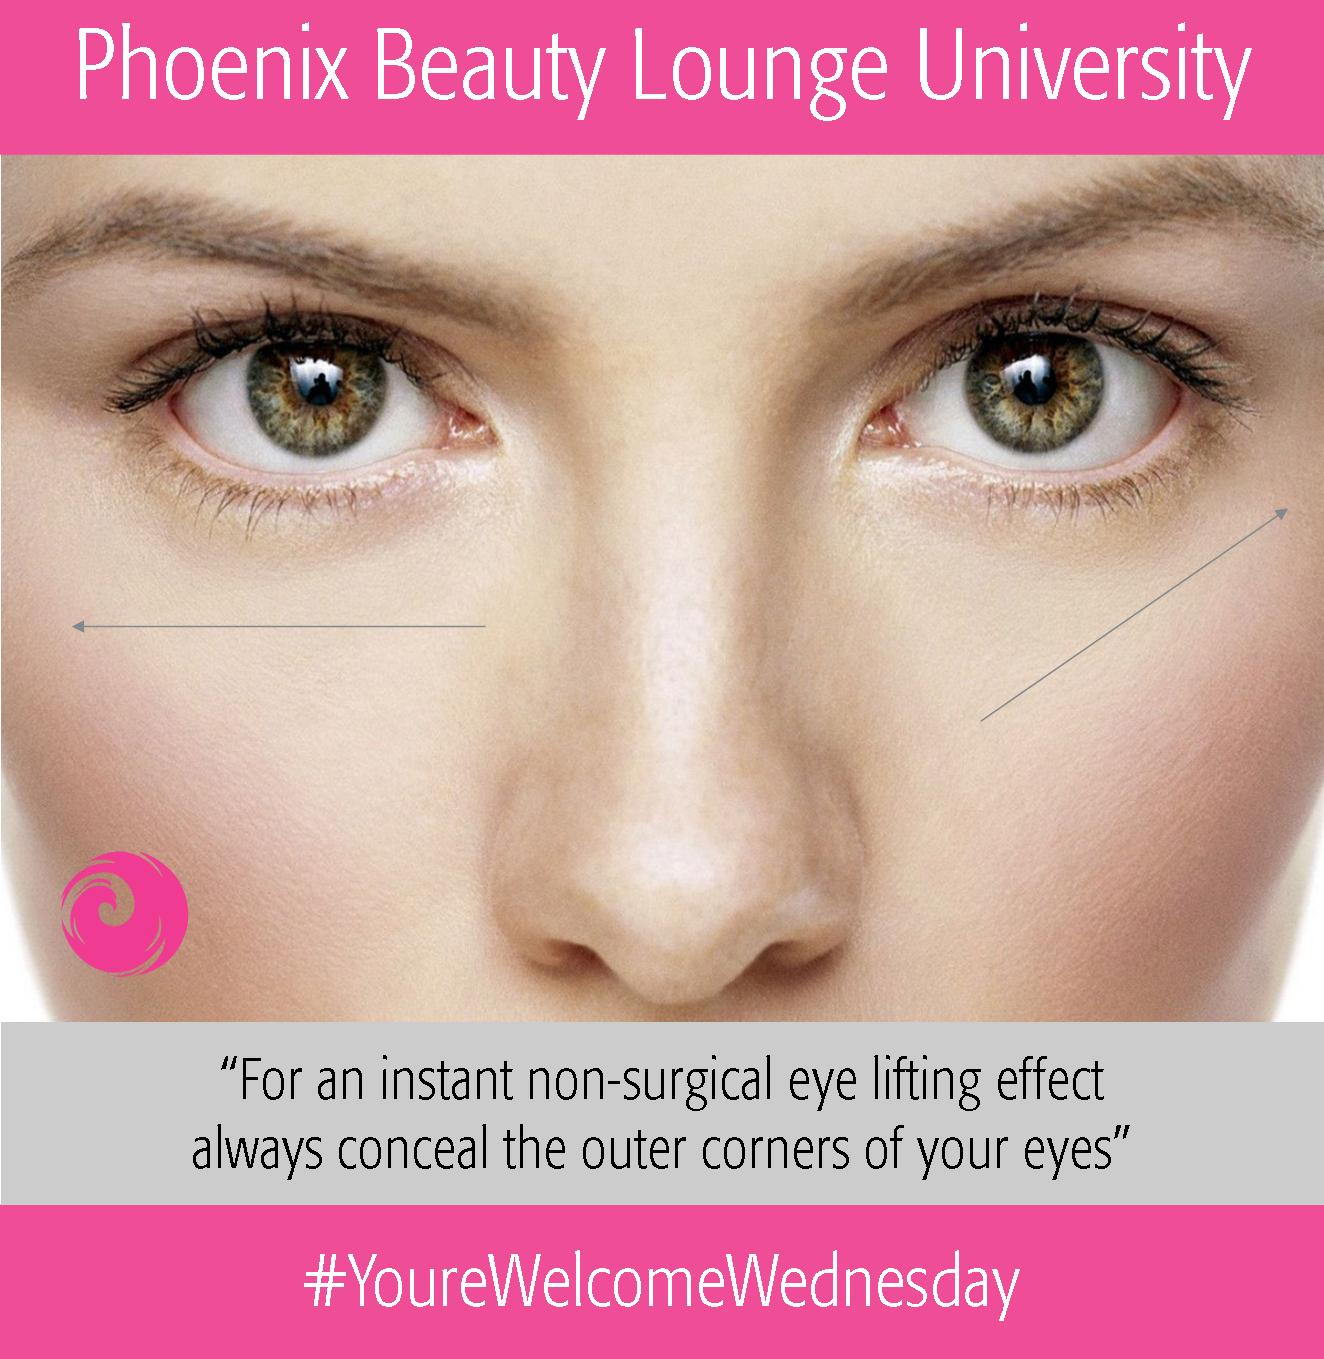 Phoenix Beauty Lounge University